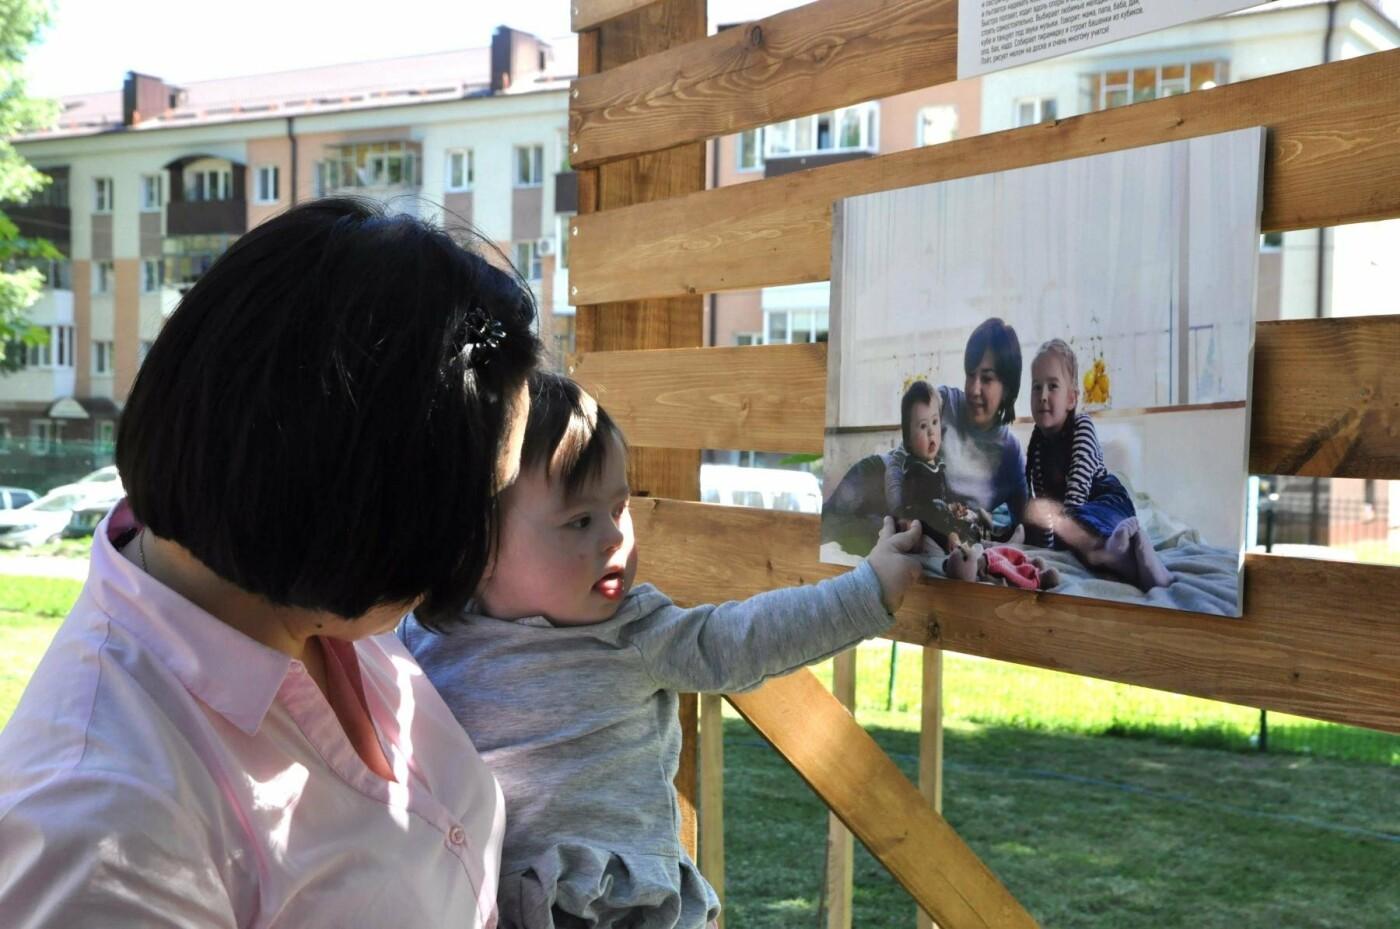 Увидеть мамиными глазами. В Центральном парке открылась выставка снимков «солнечных» детей, фото-7